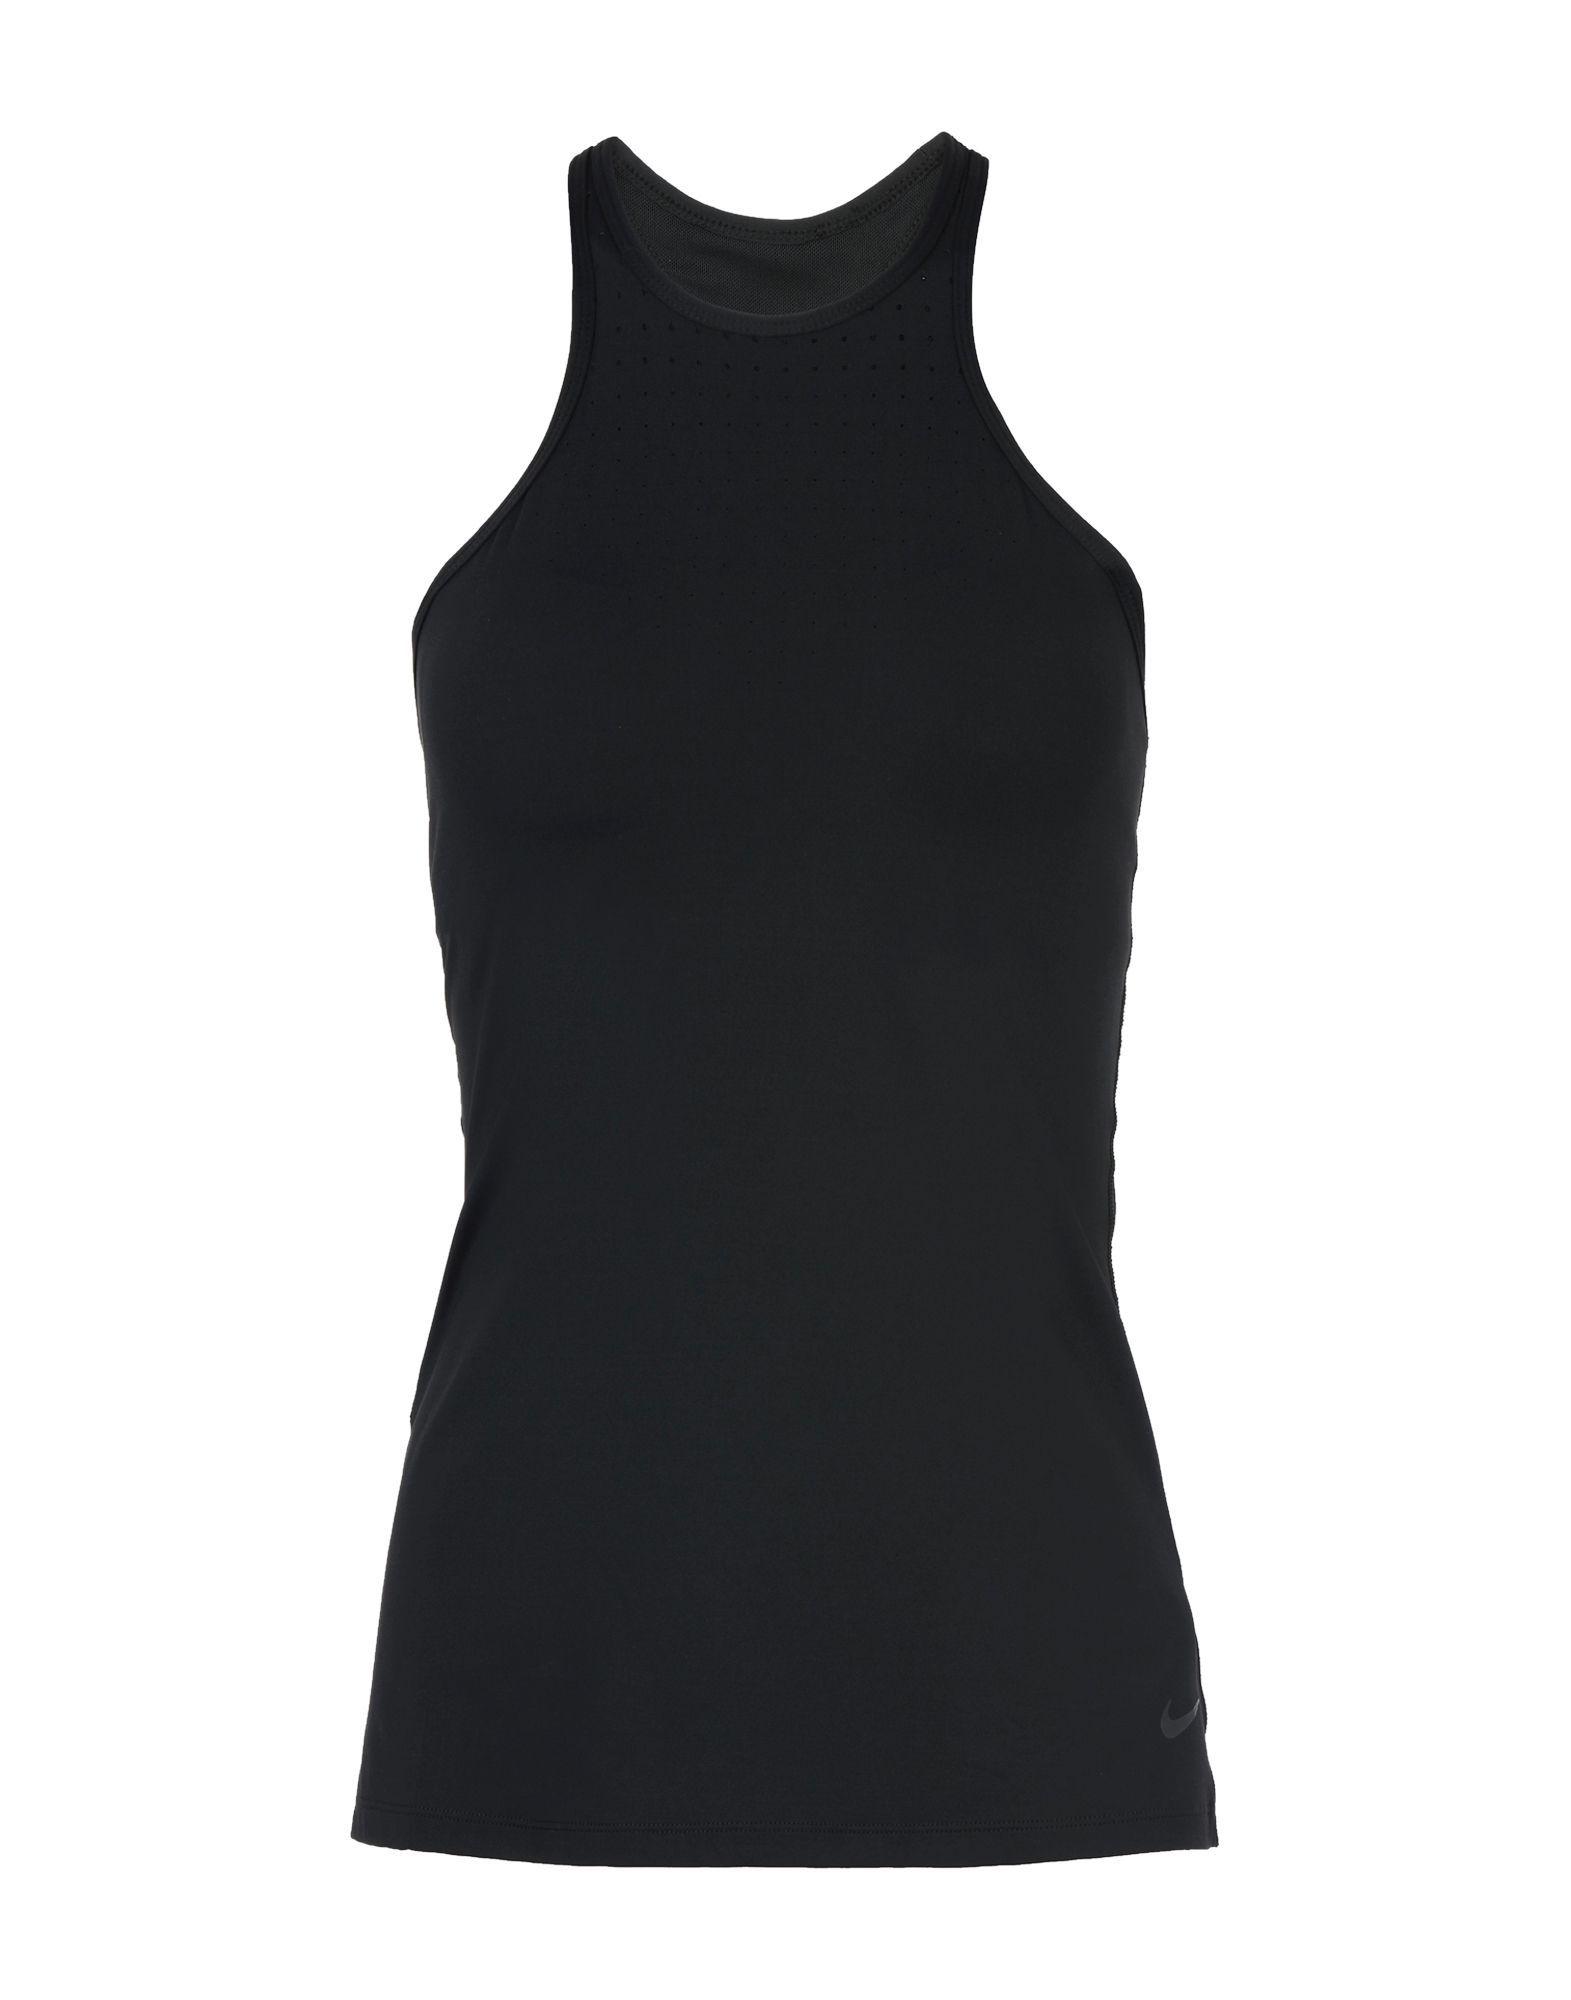 Nike Black Nylon Top